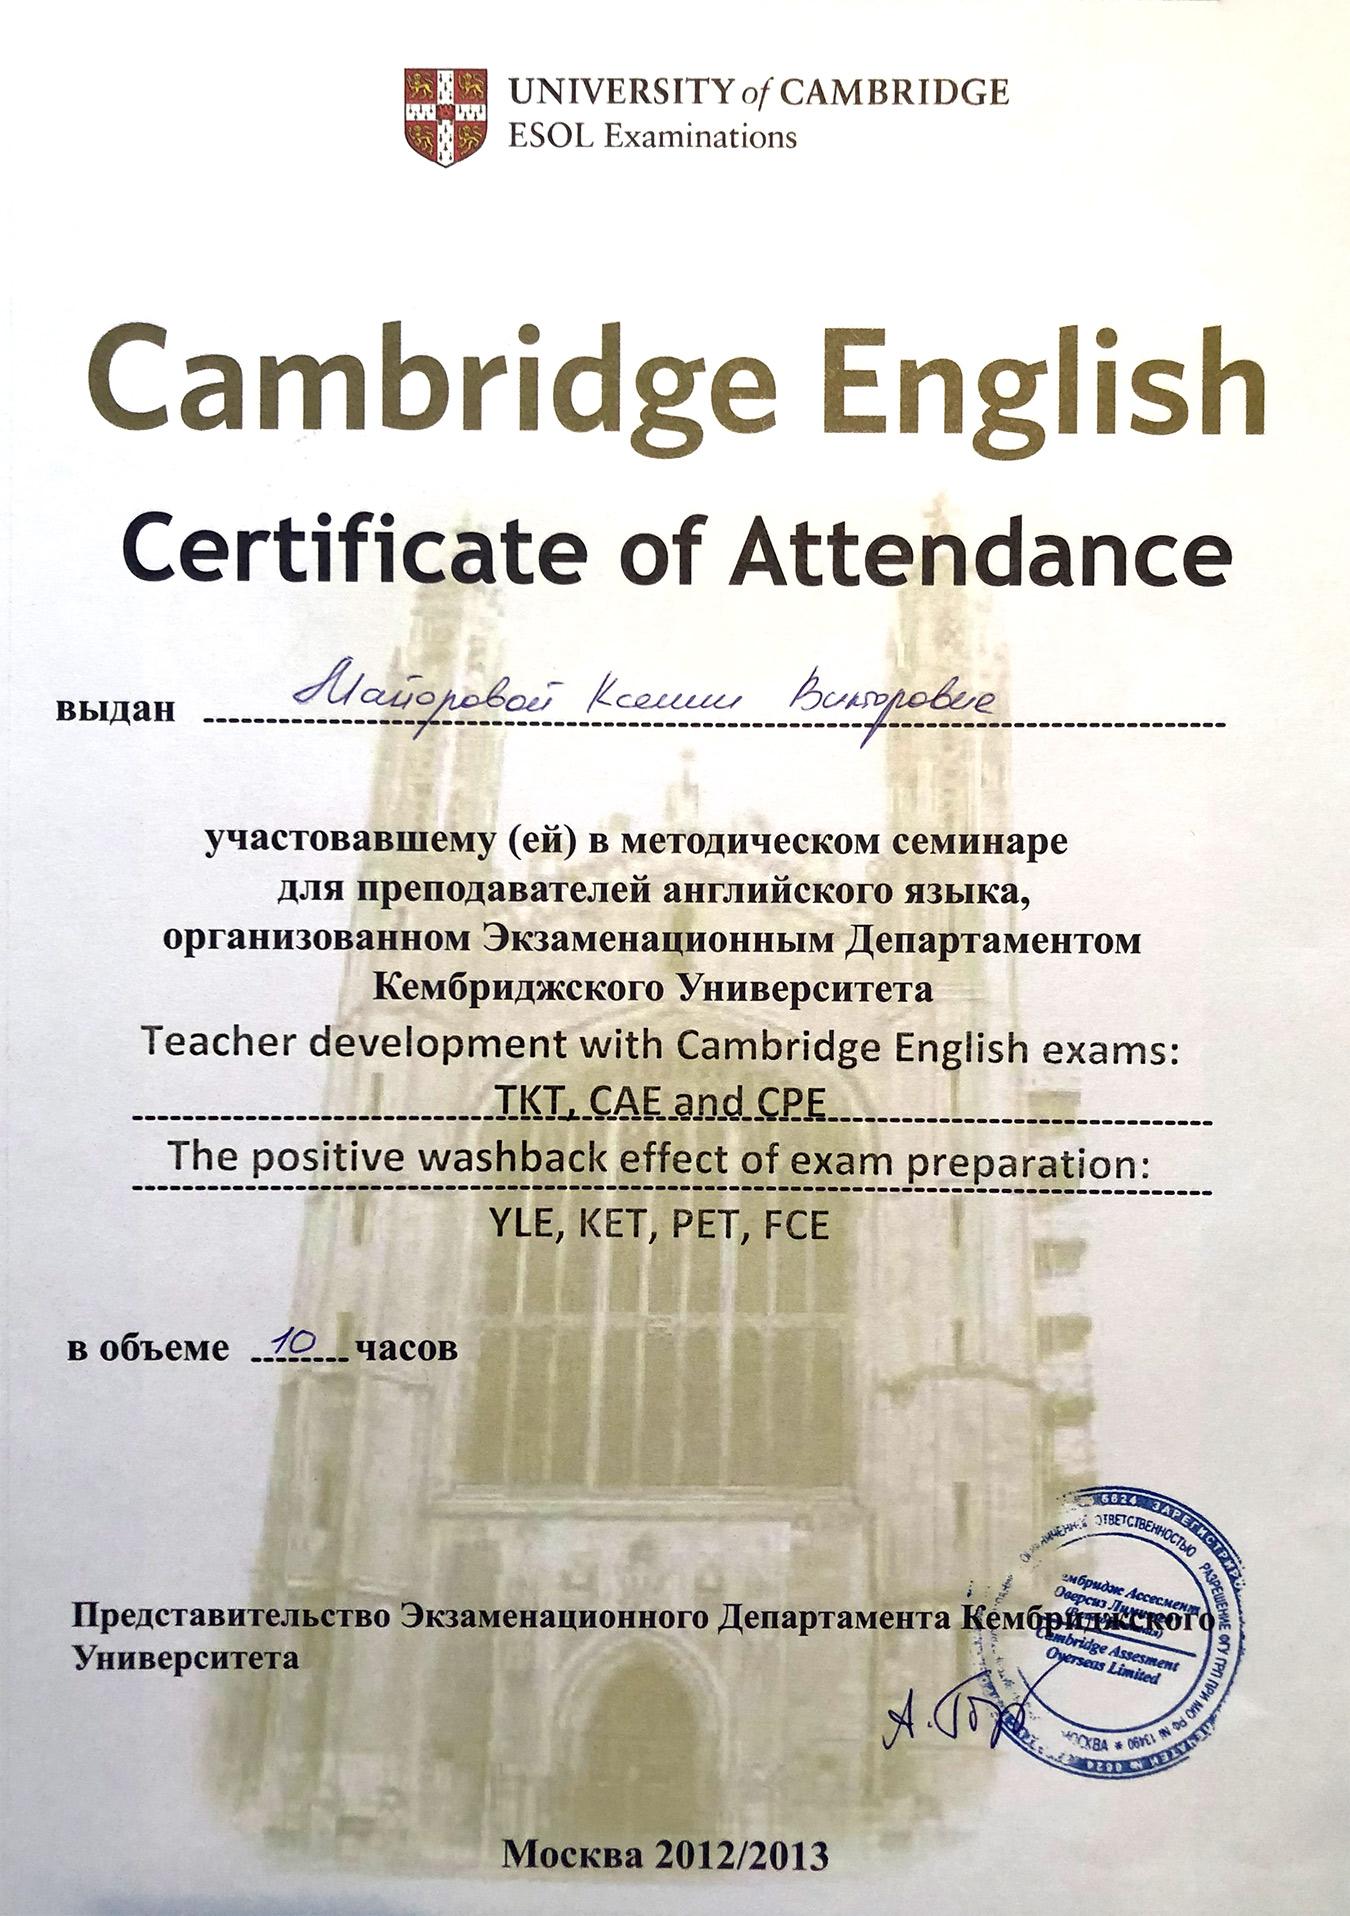 Важно: свидетельство о подготовке преподавателя должна выдавать организация, уполномоченная центром, в котором экзамен разрабатывался. Подготовку к этому экзамену подтверждает Кембриджский университет